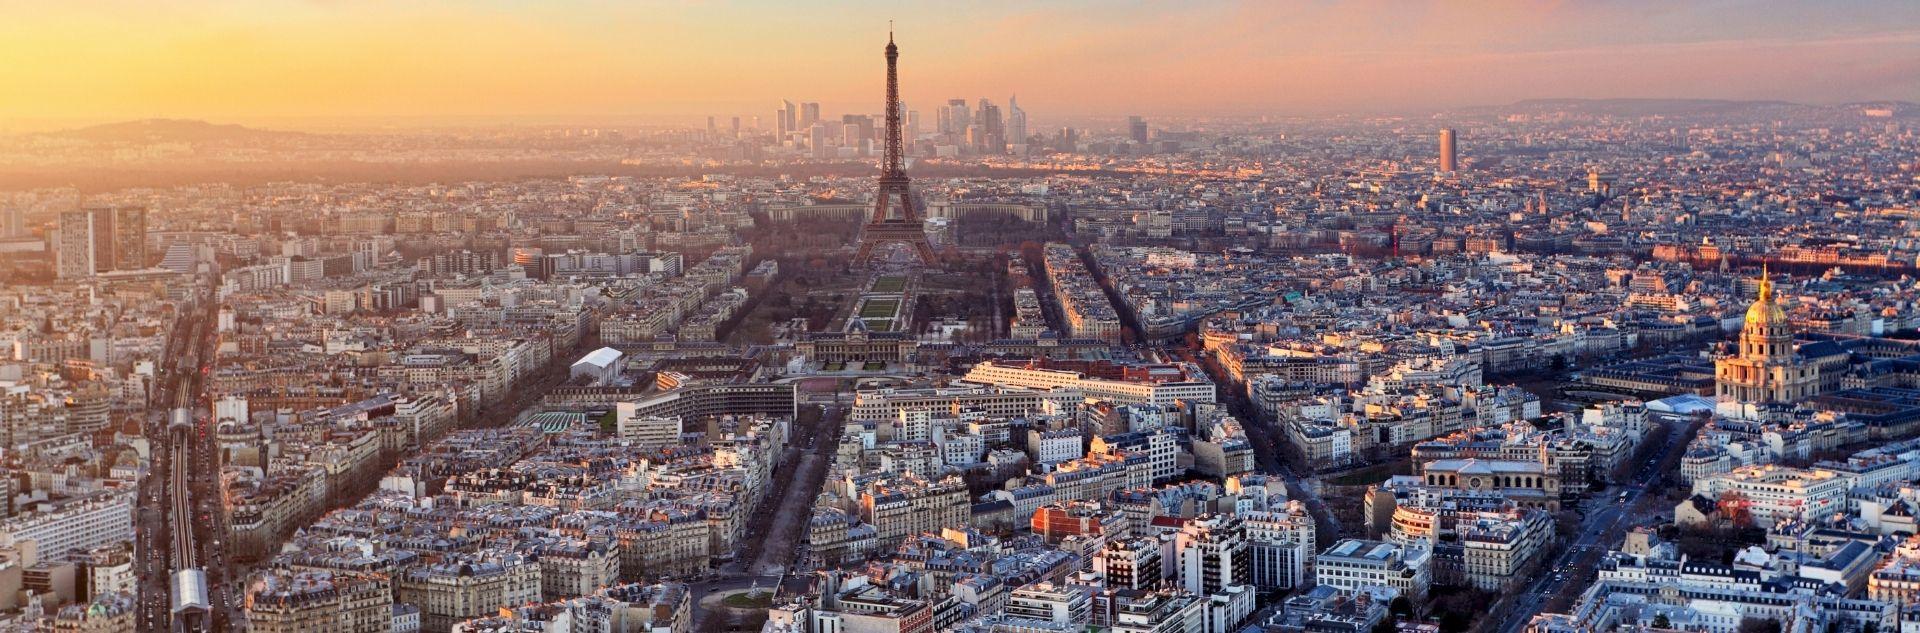 Urlaub in Frankreich - Paris Skyline